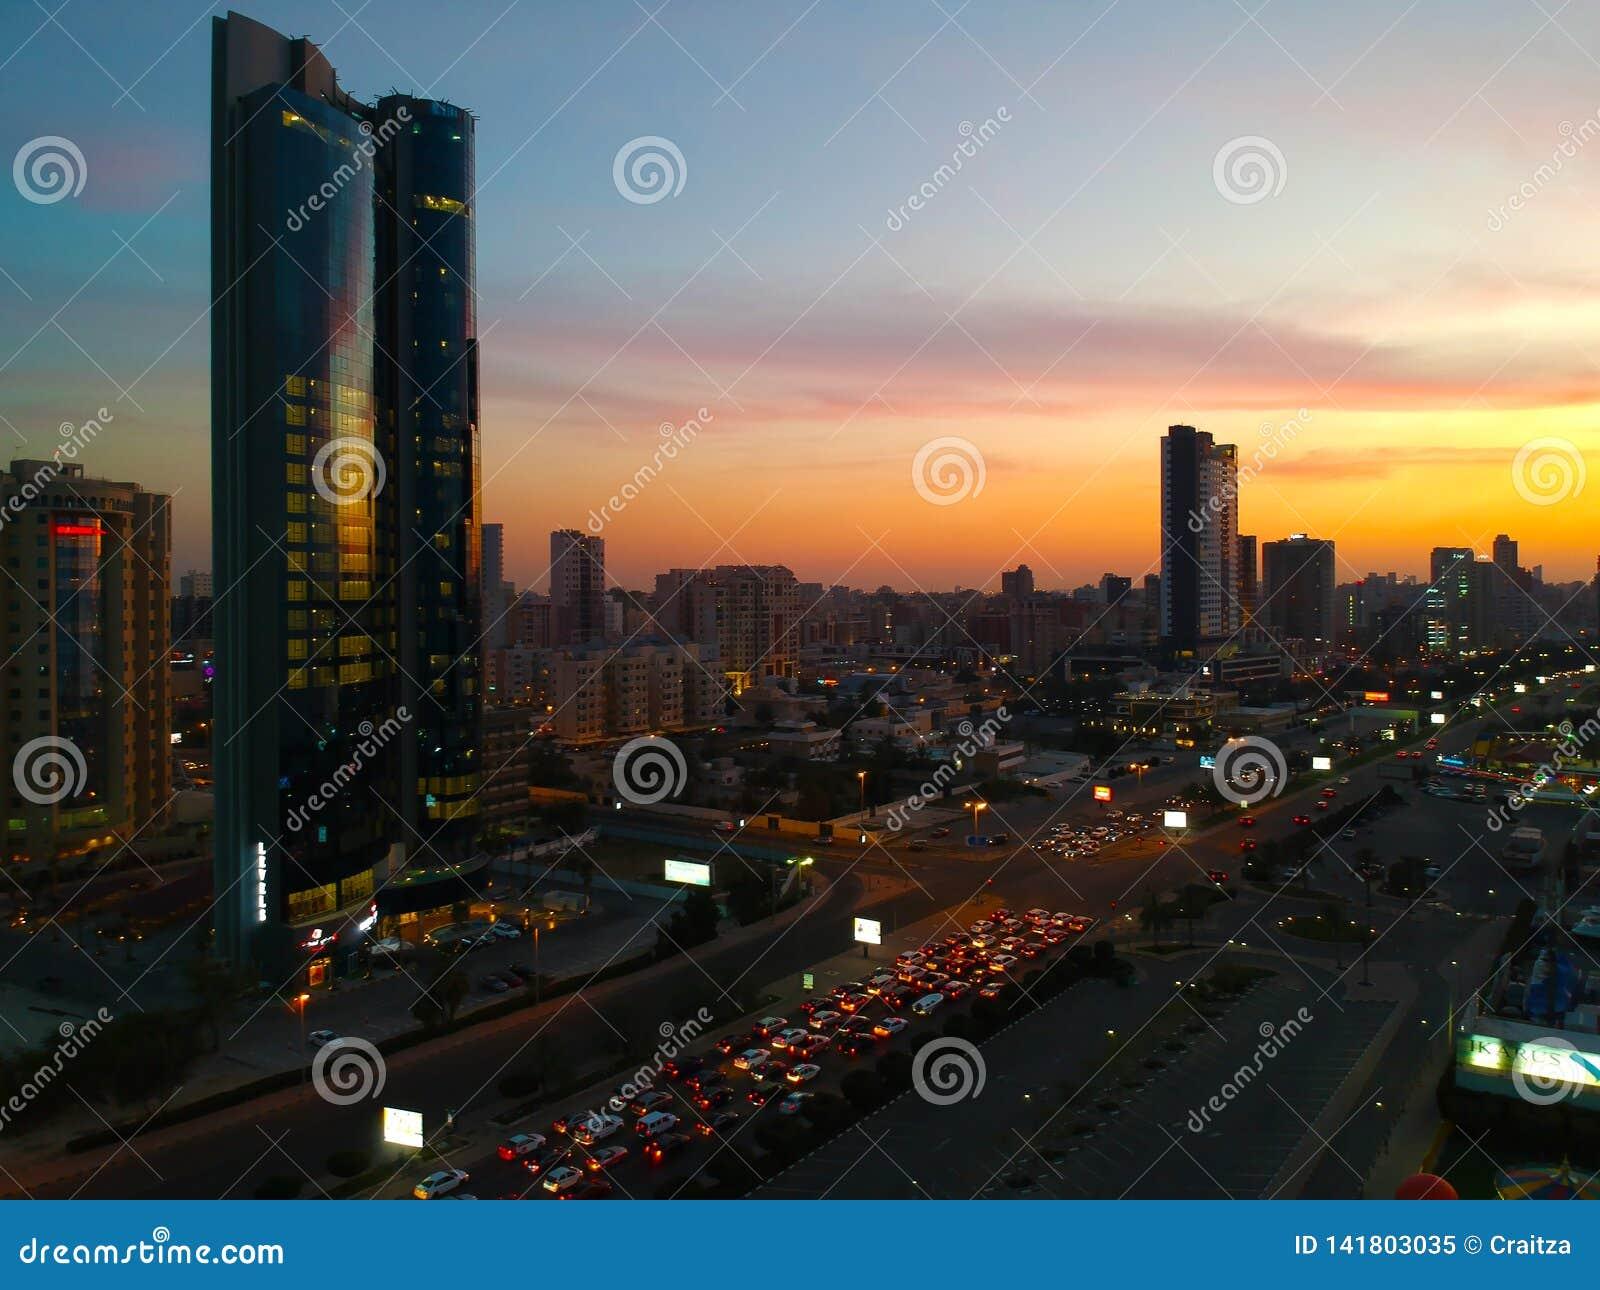 Circa 12 mars 2019 - The Sun ställer in att lägga härliga färgnyanser över golfvägtrafiken i Salmiya Kuwait